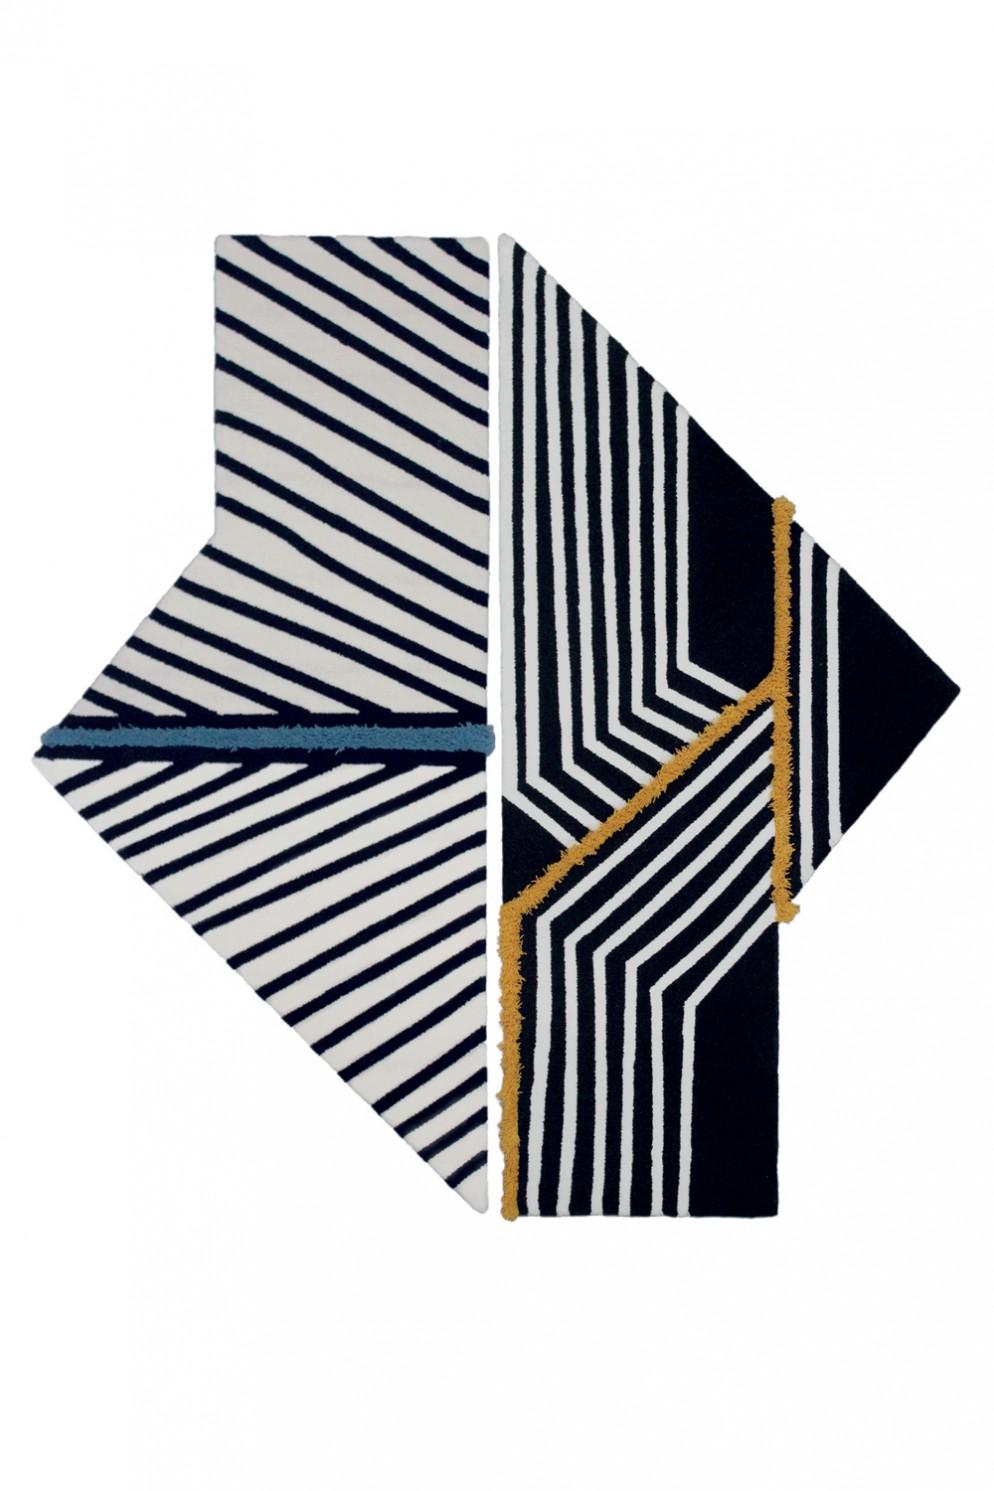 tappeti-moderni-forme-strane-Carpet Edition_Siamo Tutti Uno_Exas Blue + Memby Yellow-living-corriere